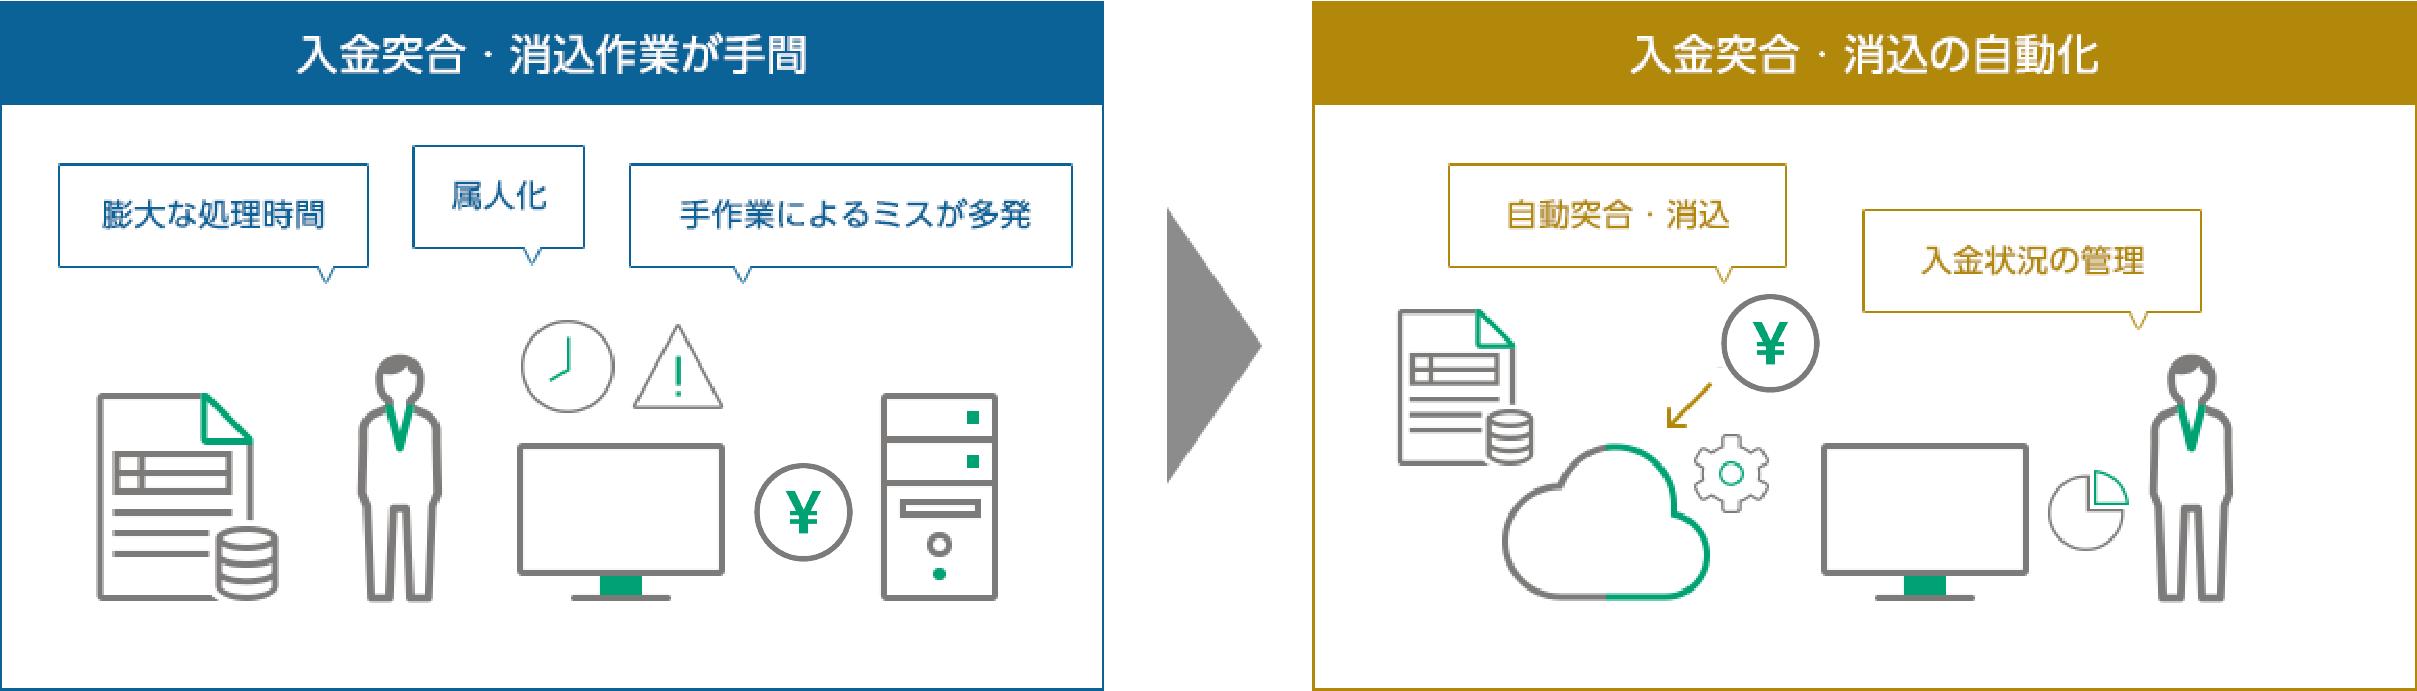 請求書発行サービスのポイント 得意先の支払システムへの請求データ自動転記